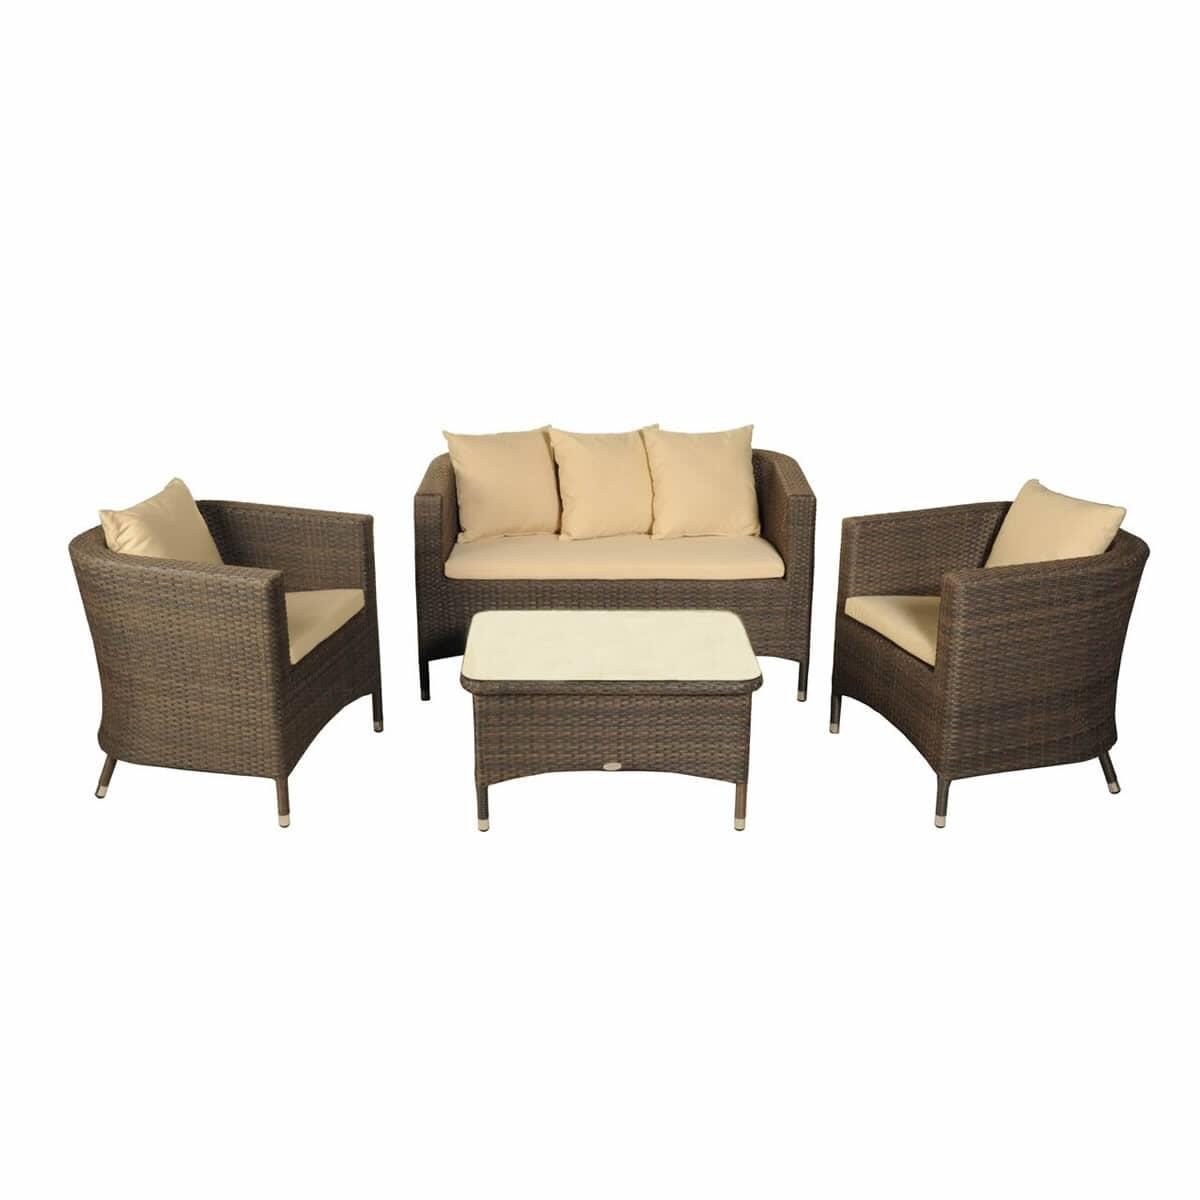 Bramblecrest Rio Classic Sofa Set Brioset10 Garden